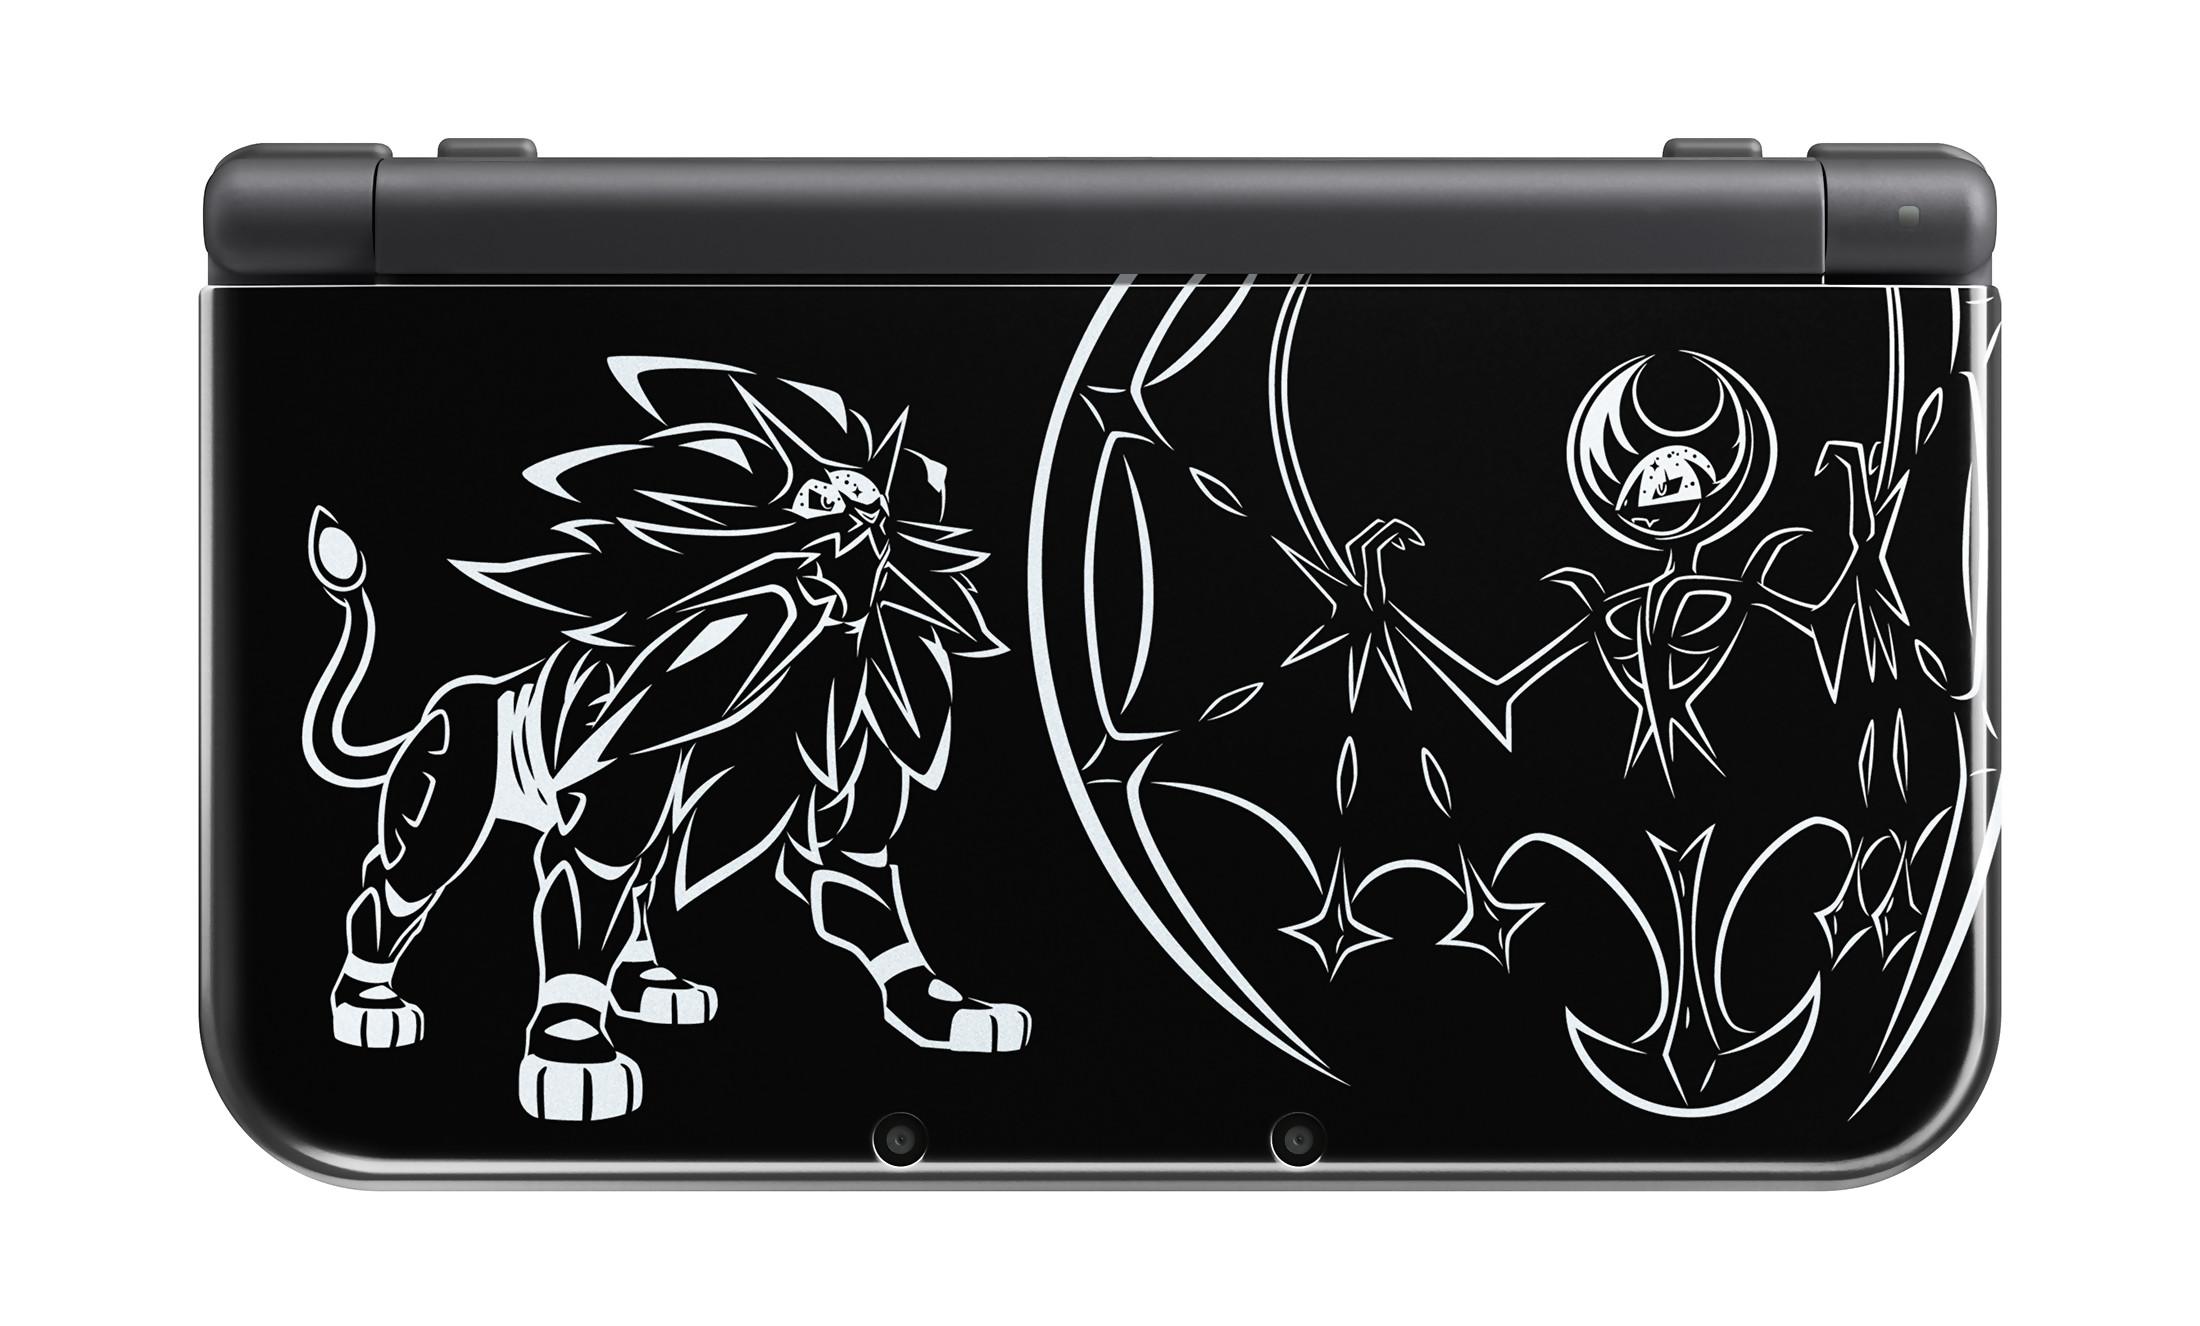 Pok mon lune soleil voici la new 3ds xl collector for Coque 3ds xl pokemon